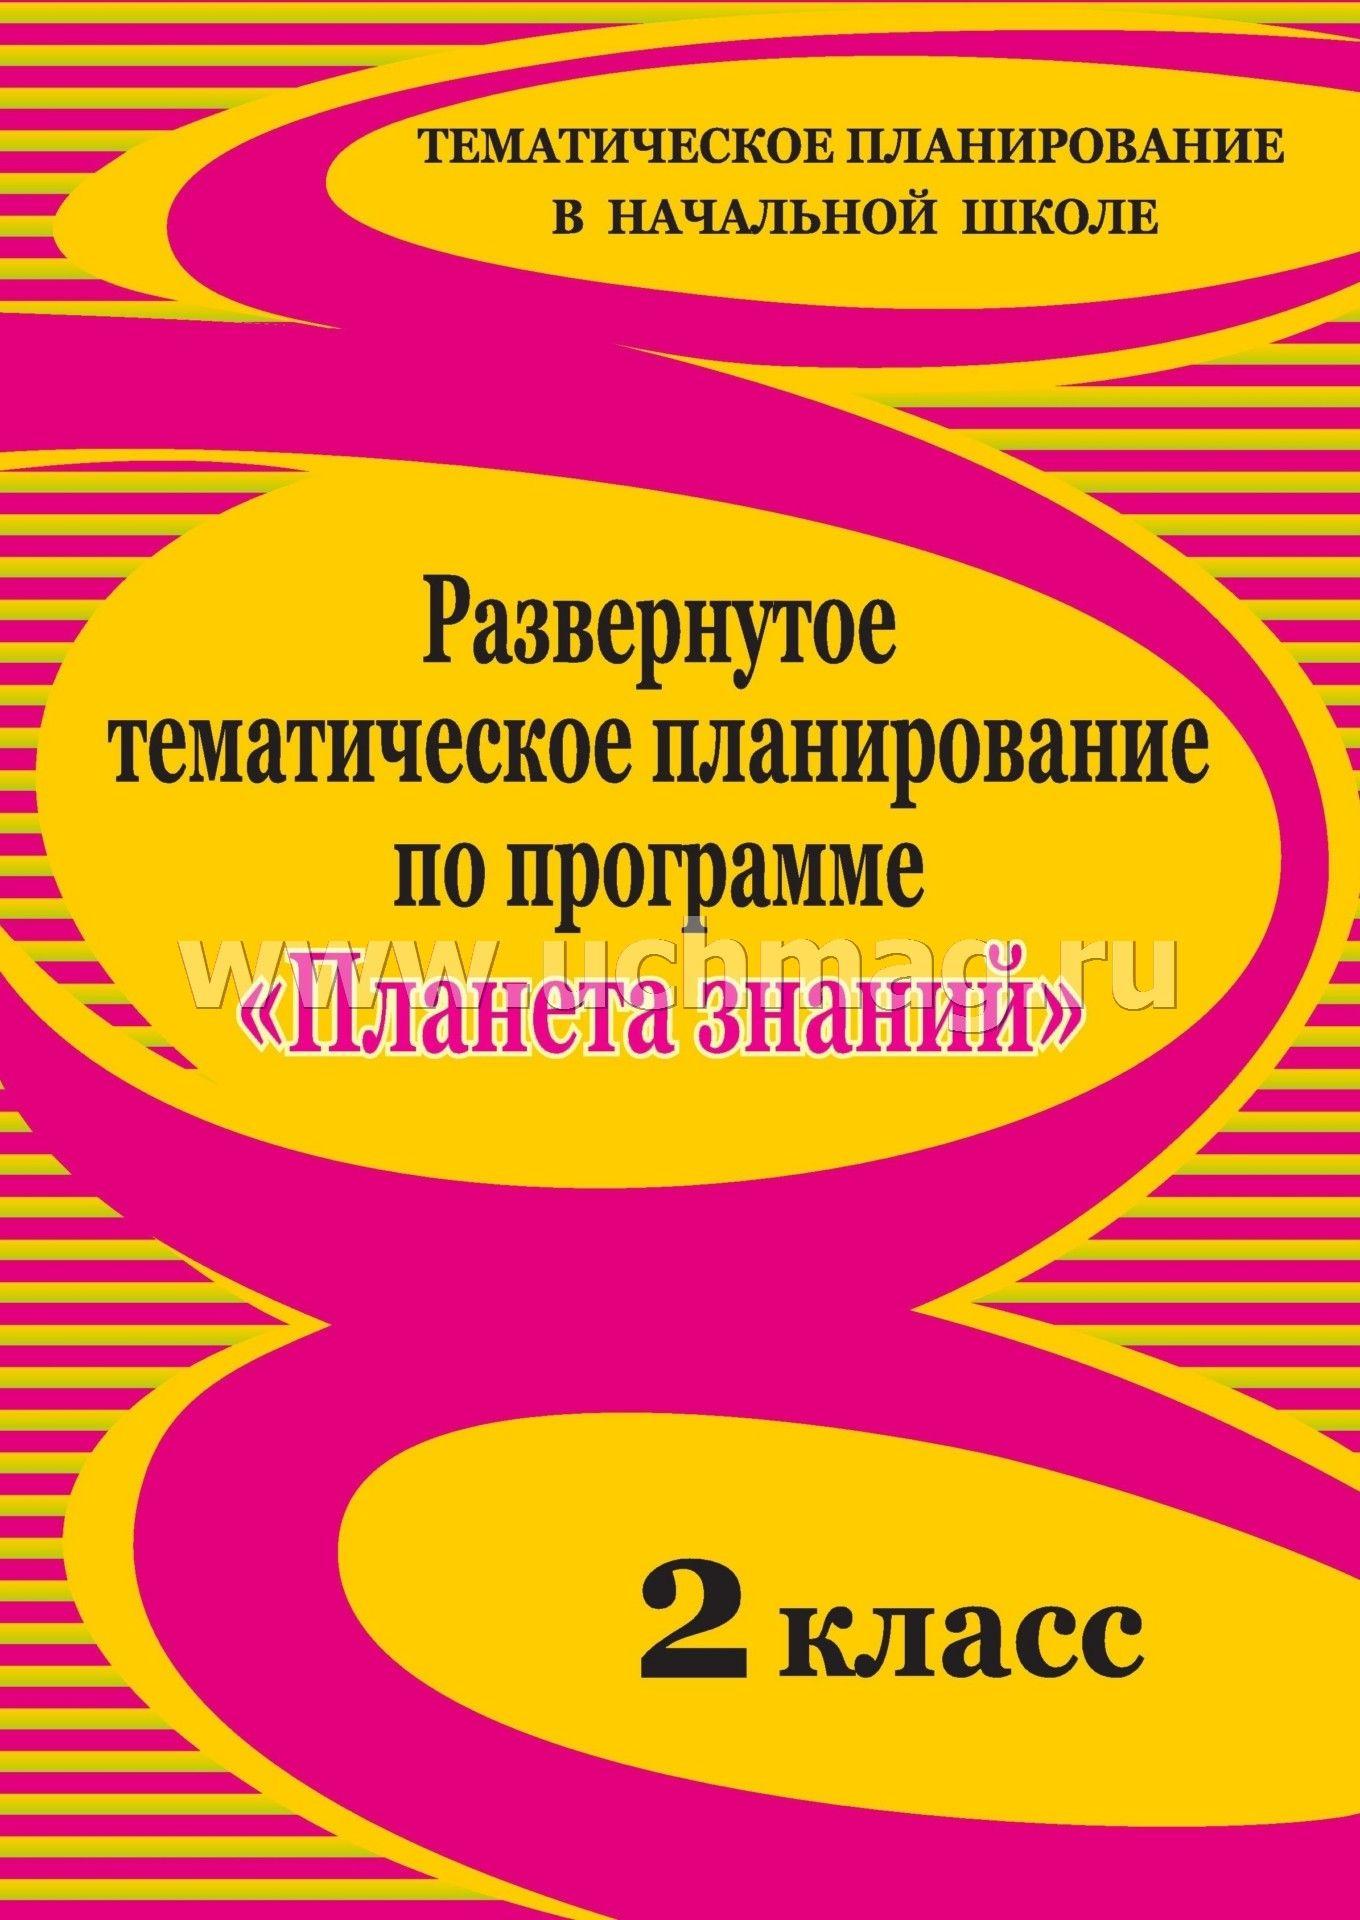 Тематическое планирование по русскому языку 3 класс умк гармония